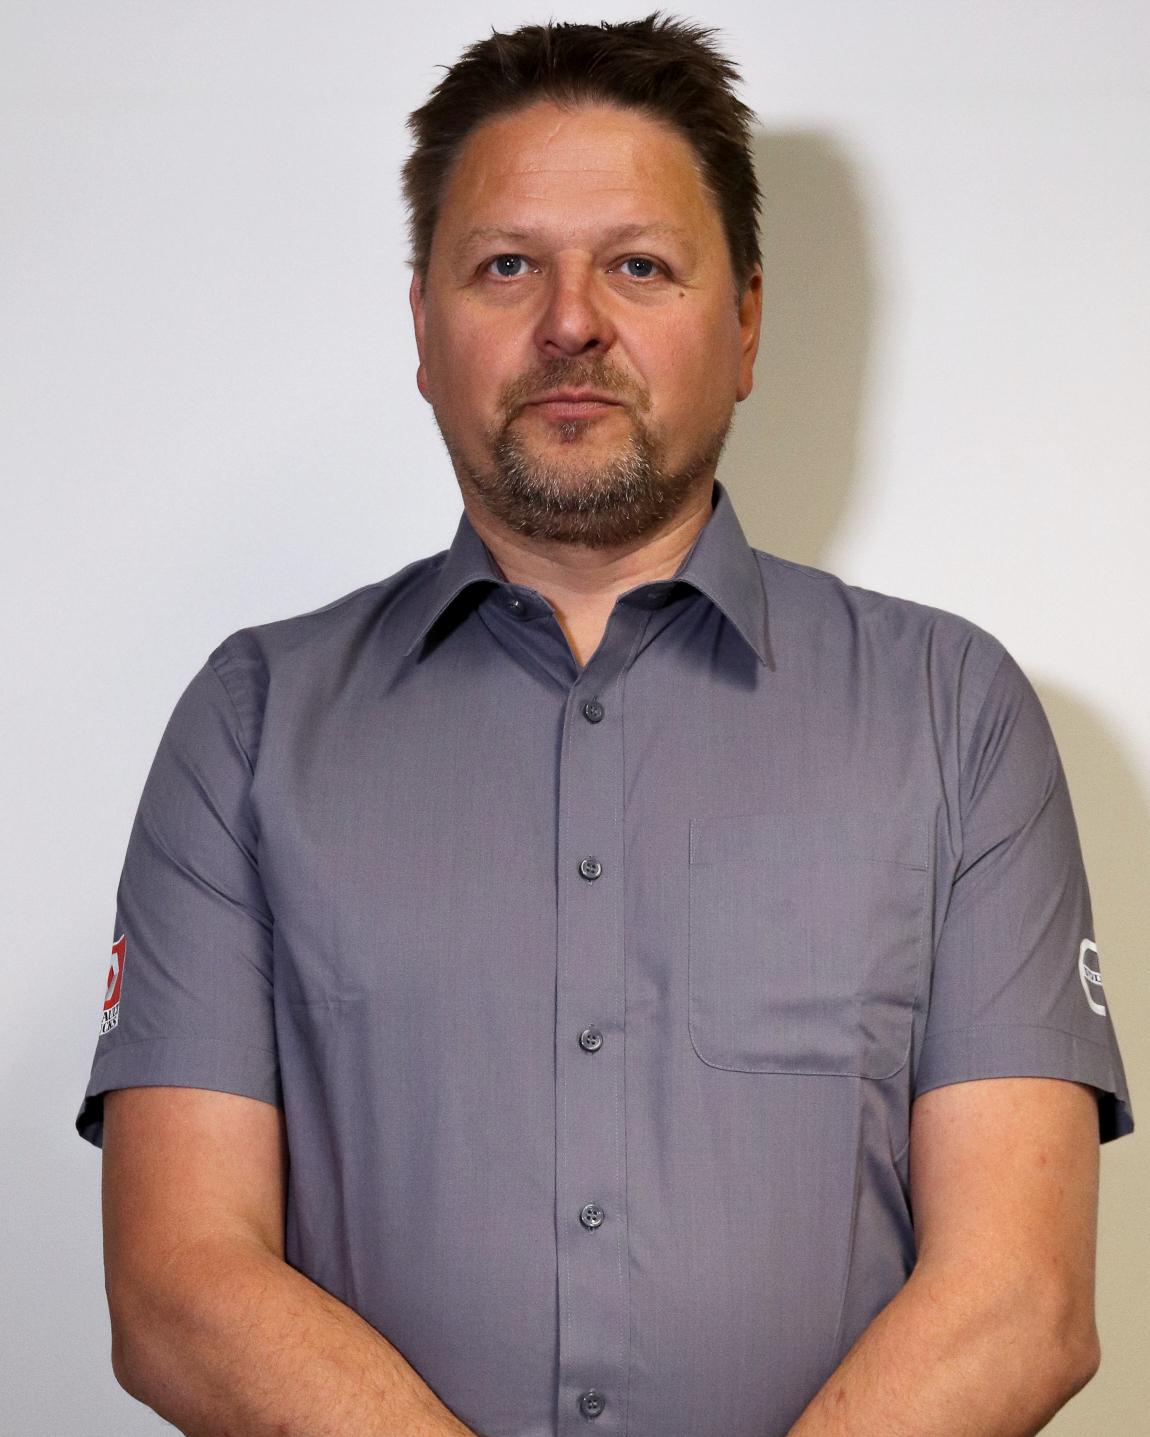 Kimmo Hovilainen